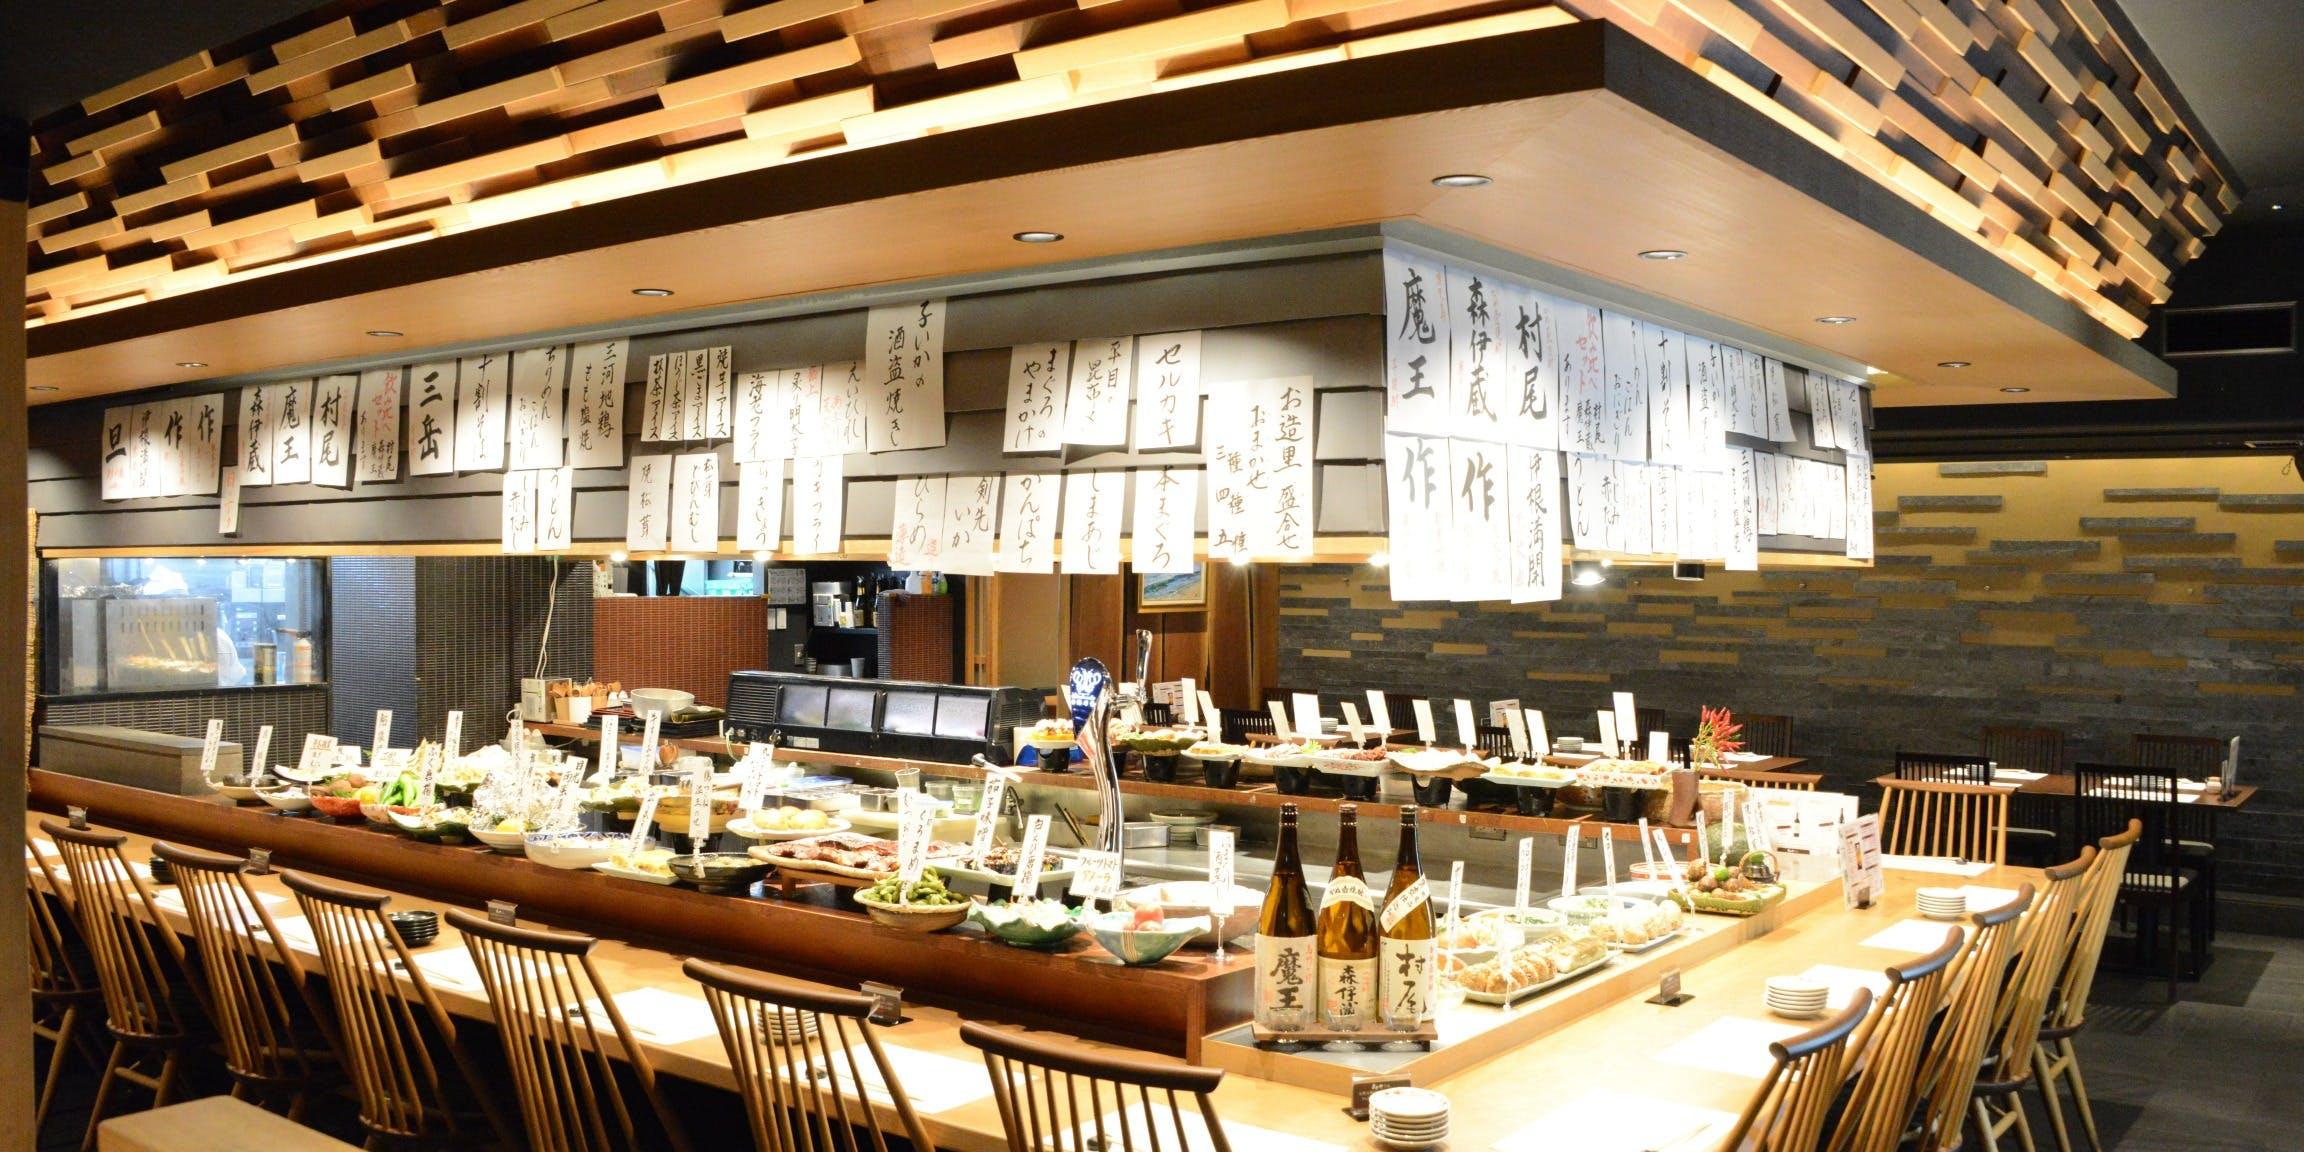 記念日におすすめのレストラン・ままや 福をまねく 旬活和食の写真1